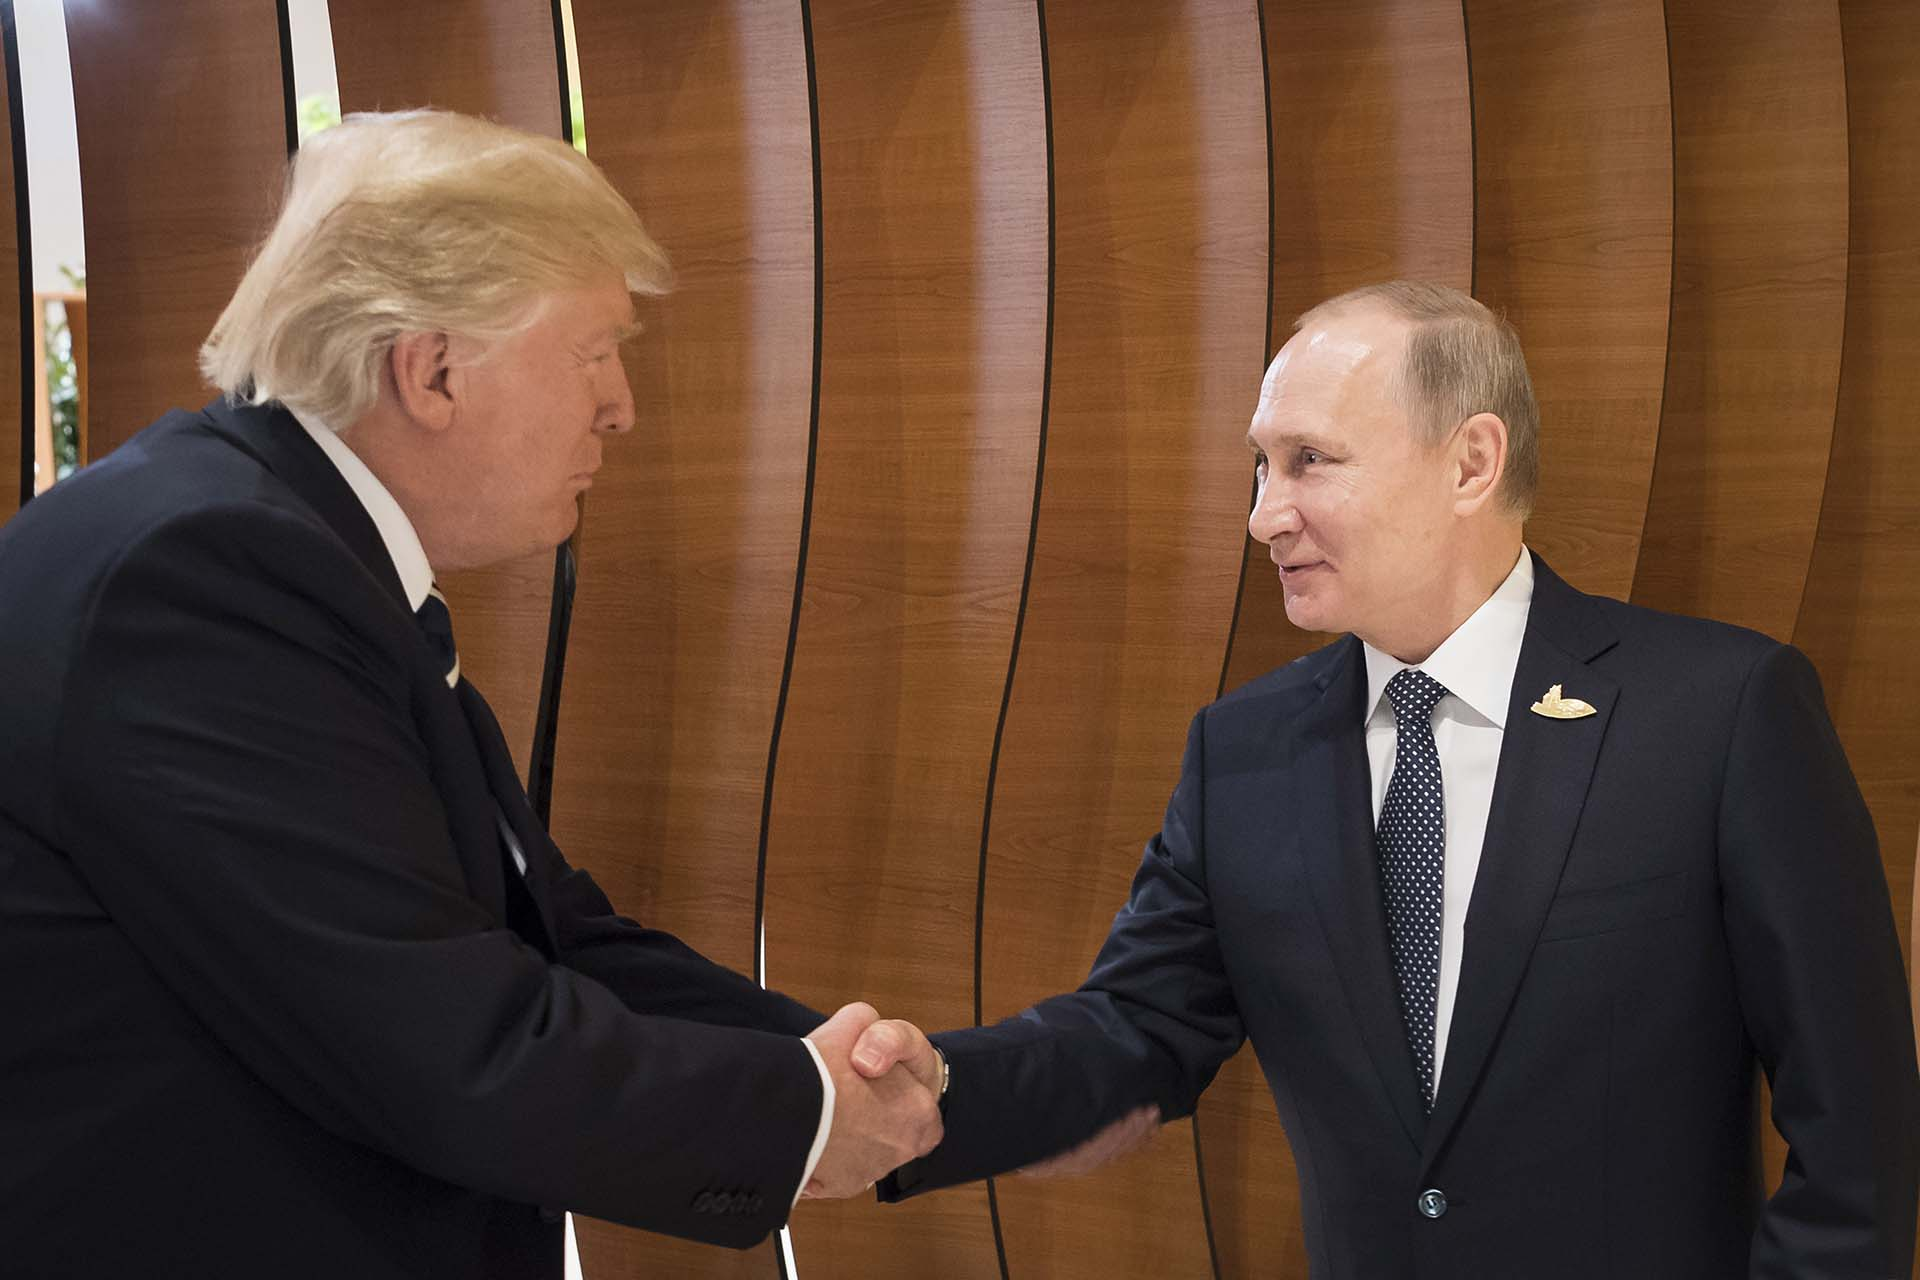 7/7/2017 Donald Trump y Vladimir Putin se saludan durante la cumbre del G-20 en Hmaburgo, Alemania